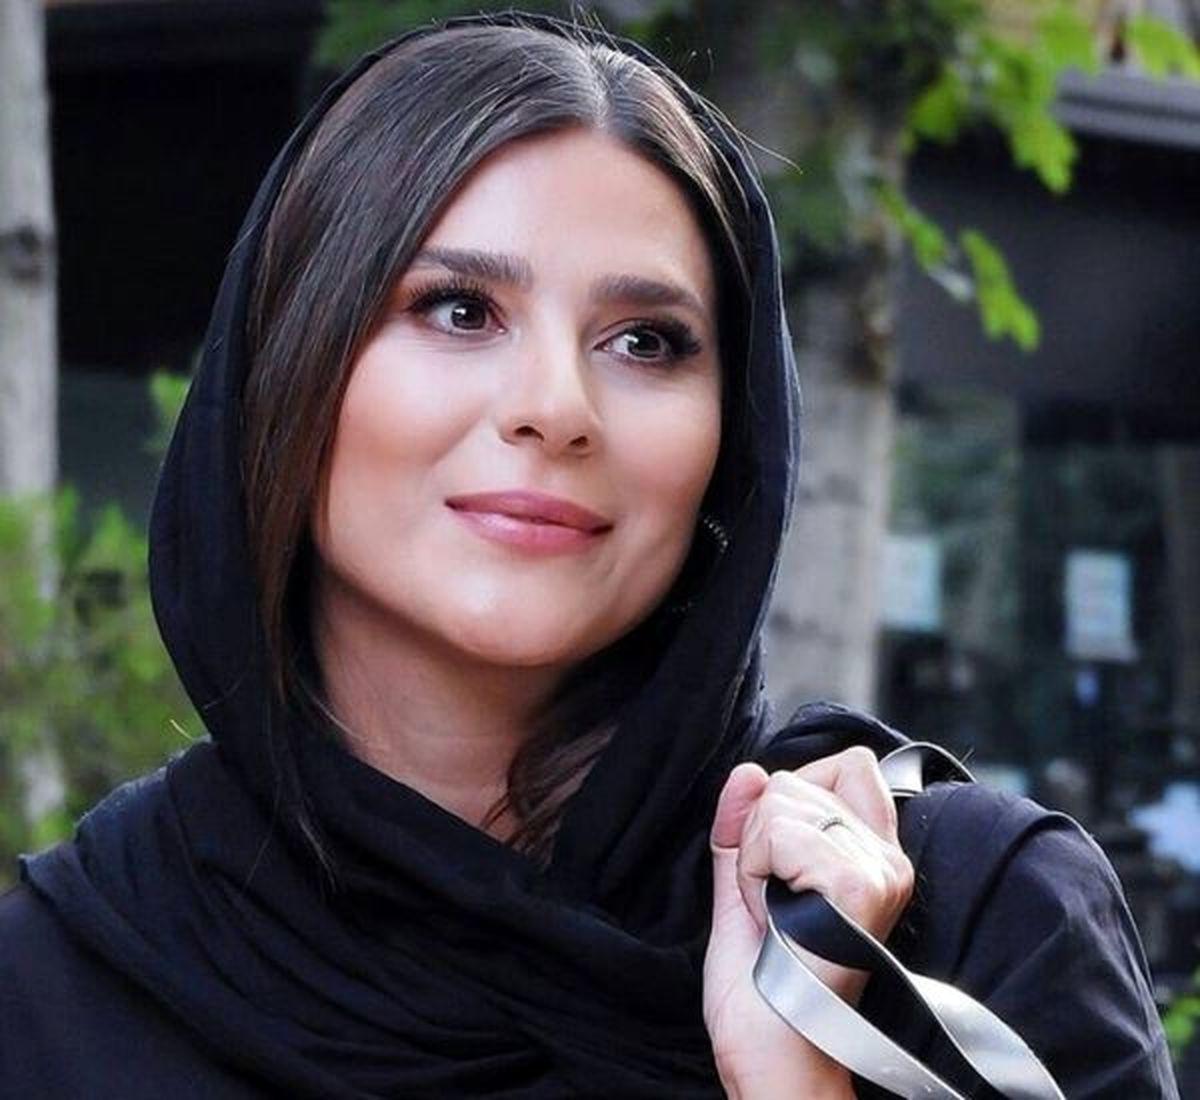 سحر دولتشاهی به عشق خود اعتراف کرد  عکس